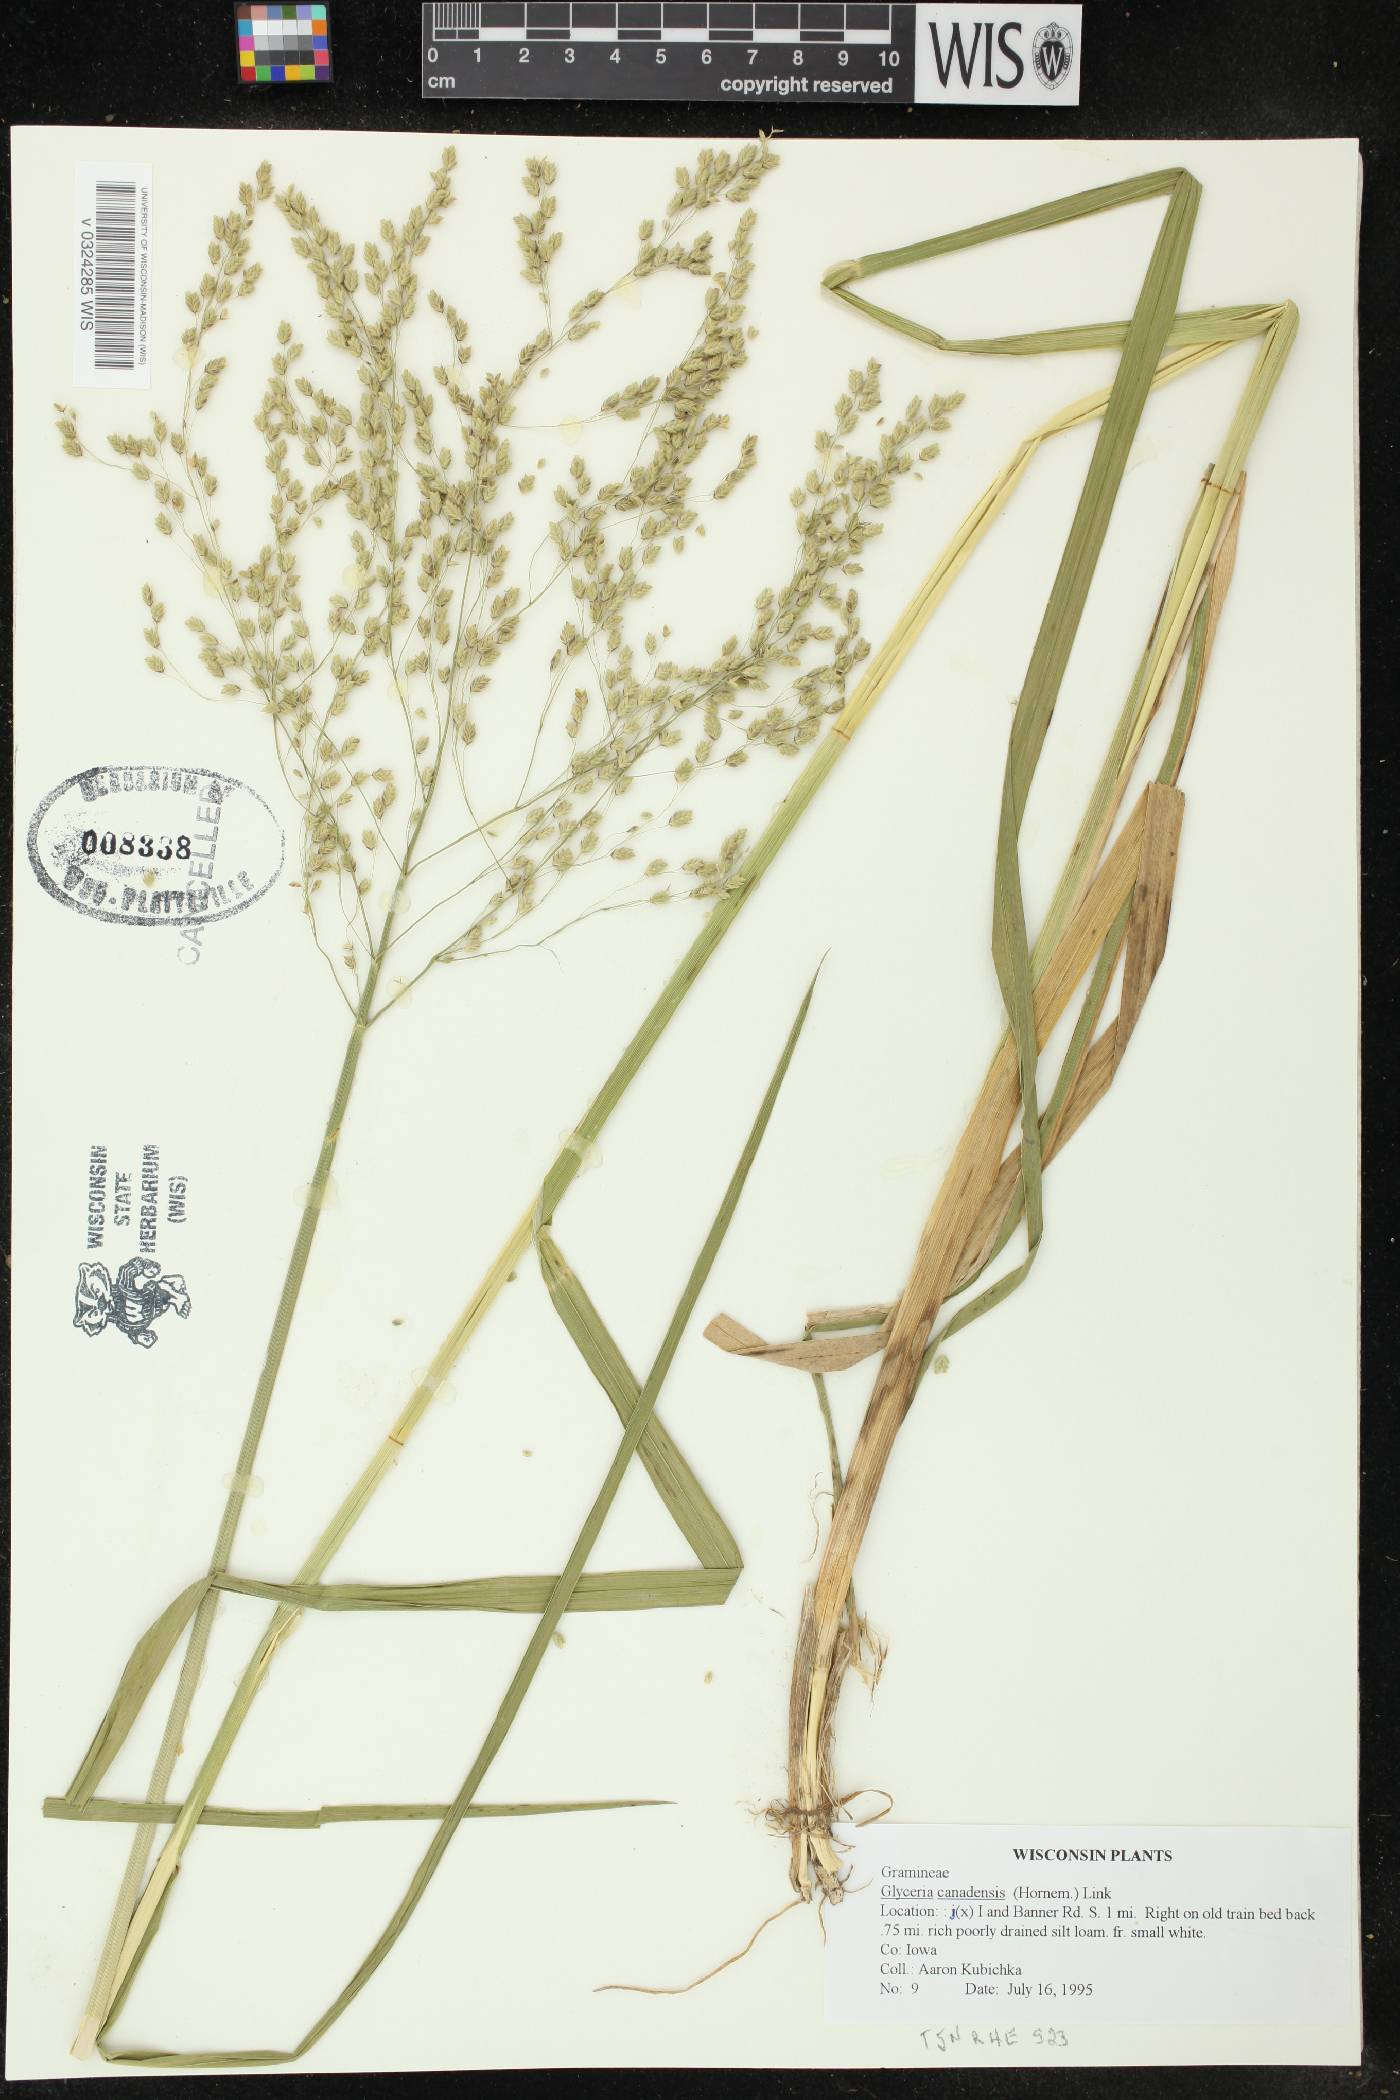 Glyceria canadensis image